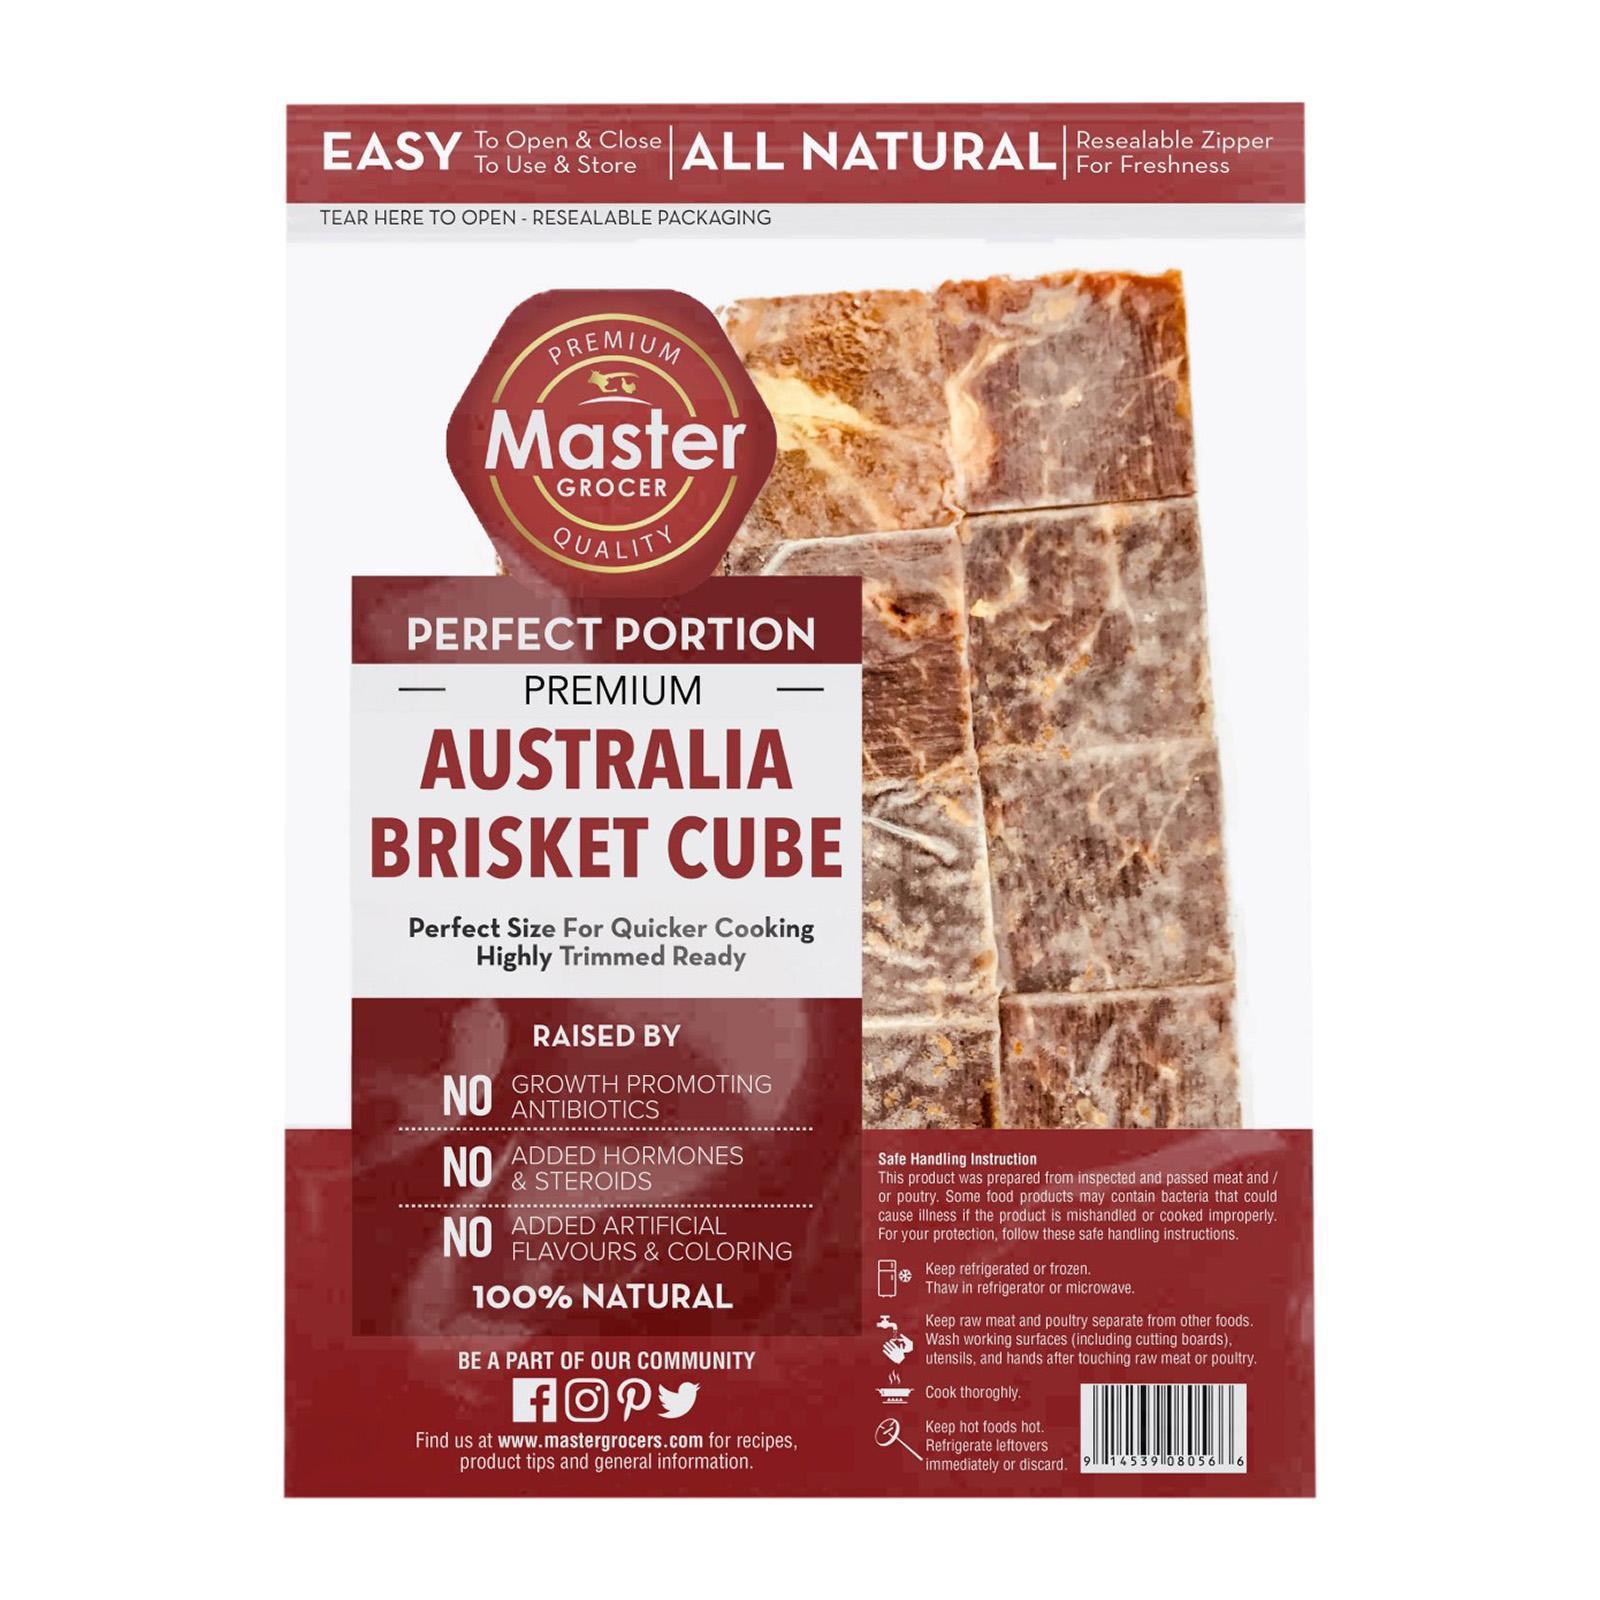 Master Grocer Australia Beef Brisket Cube Grassfed - Frozen